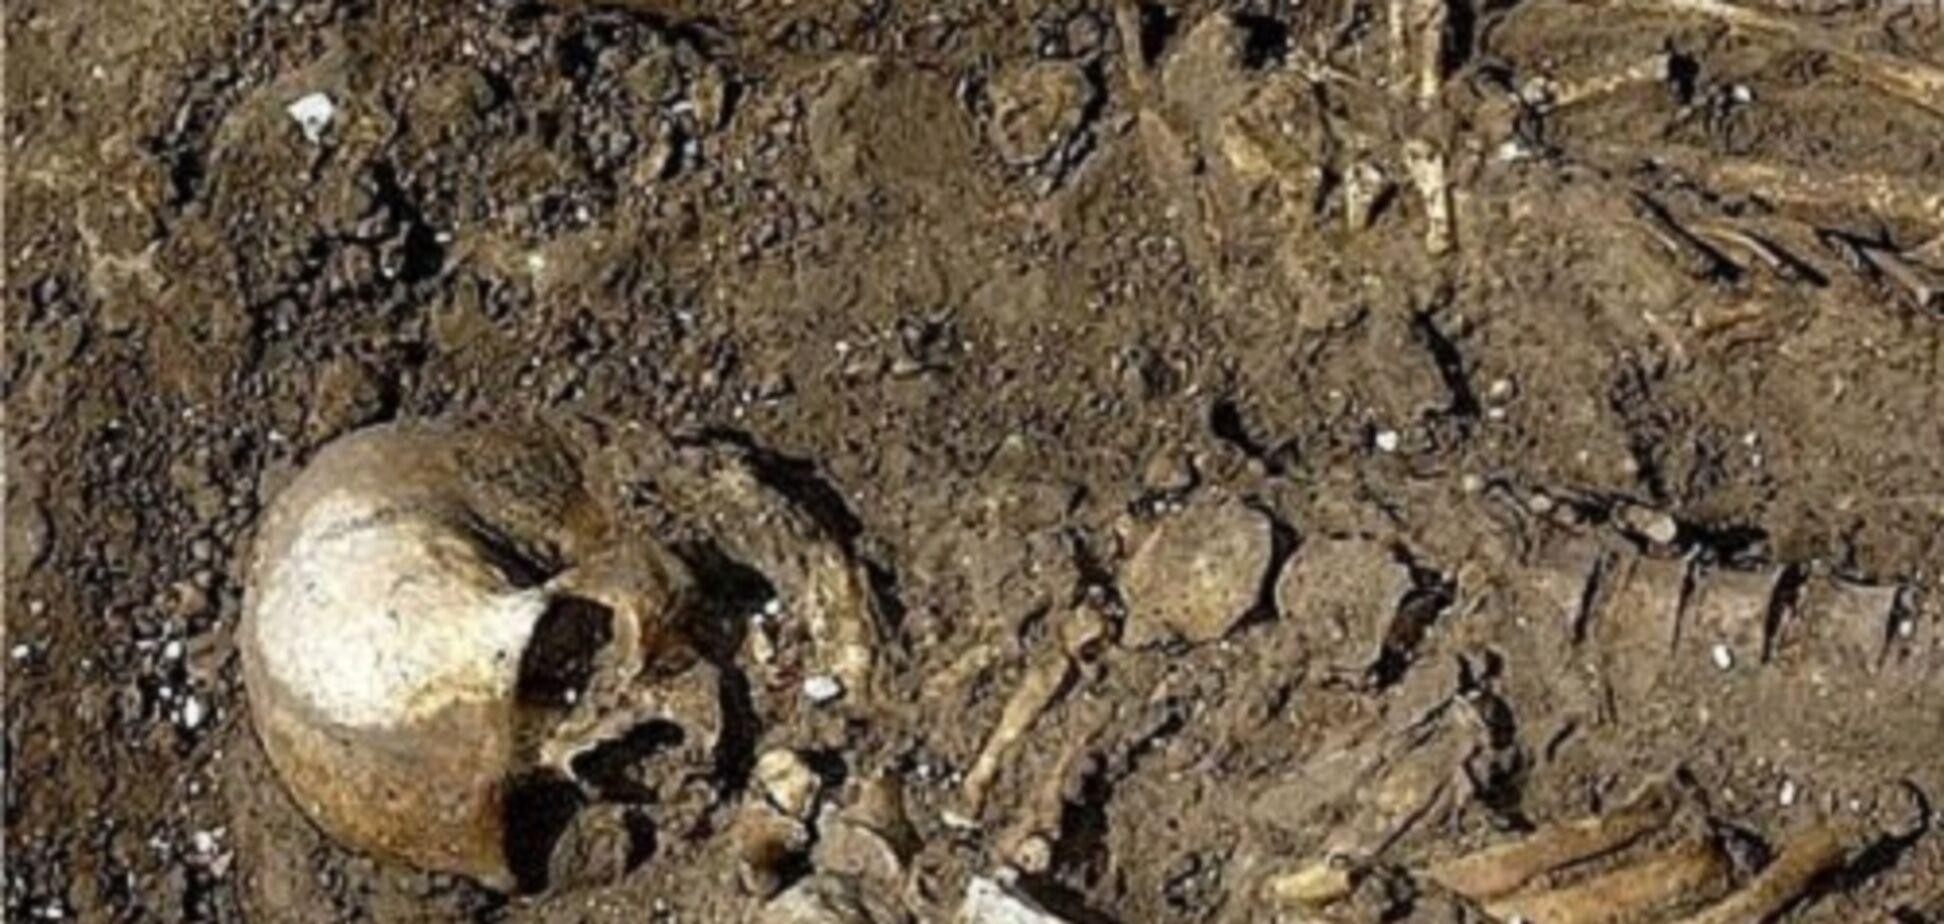 В Одесі знайшли цистерну з людськими останками: моторошні подробиці та фото